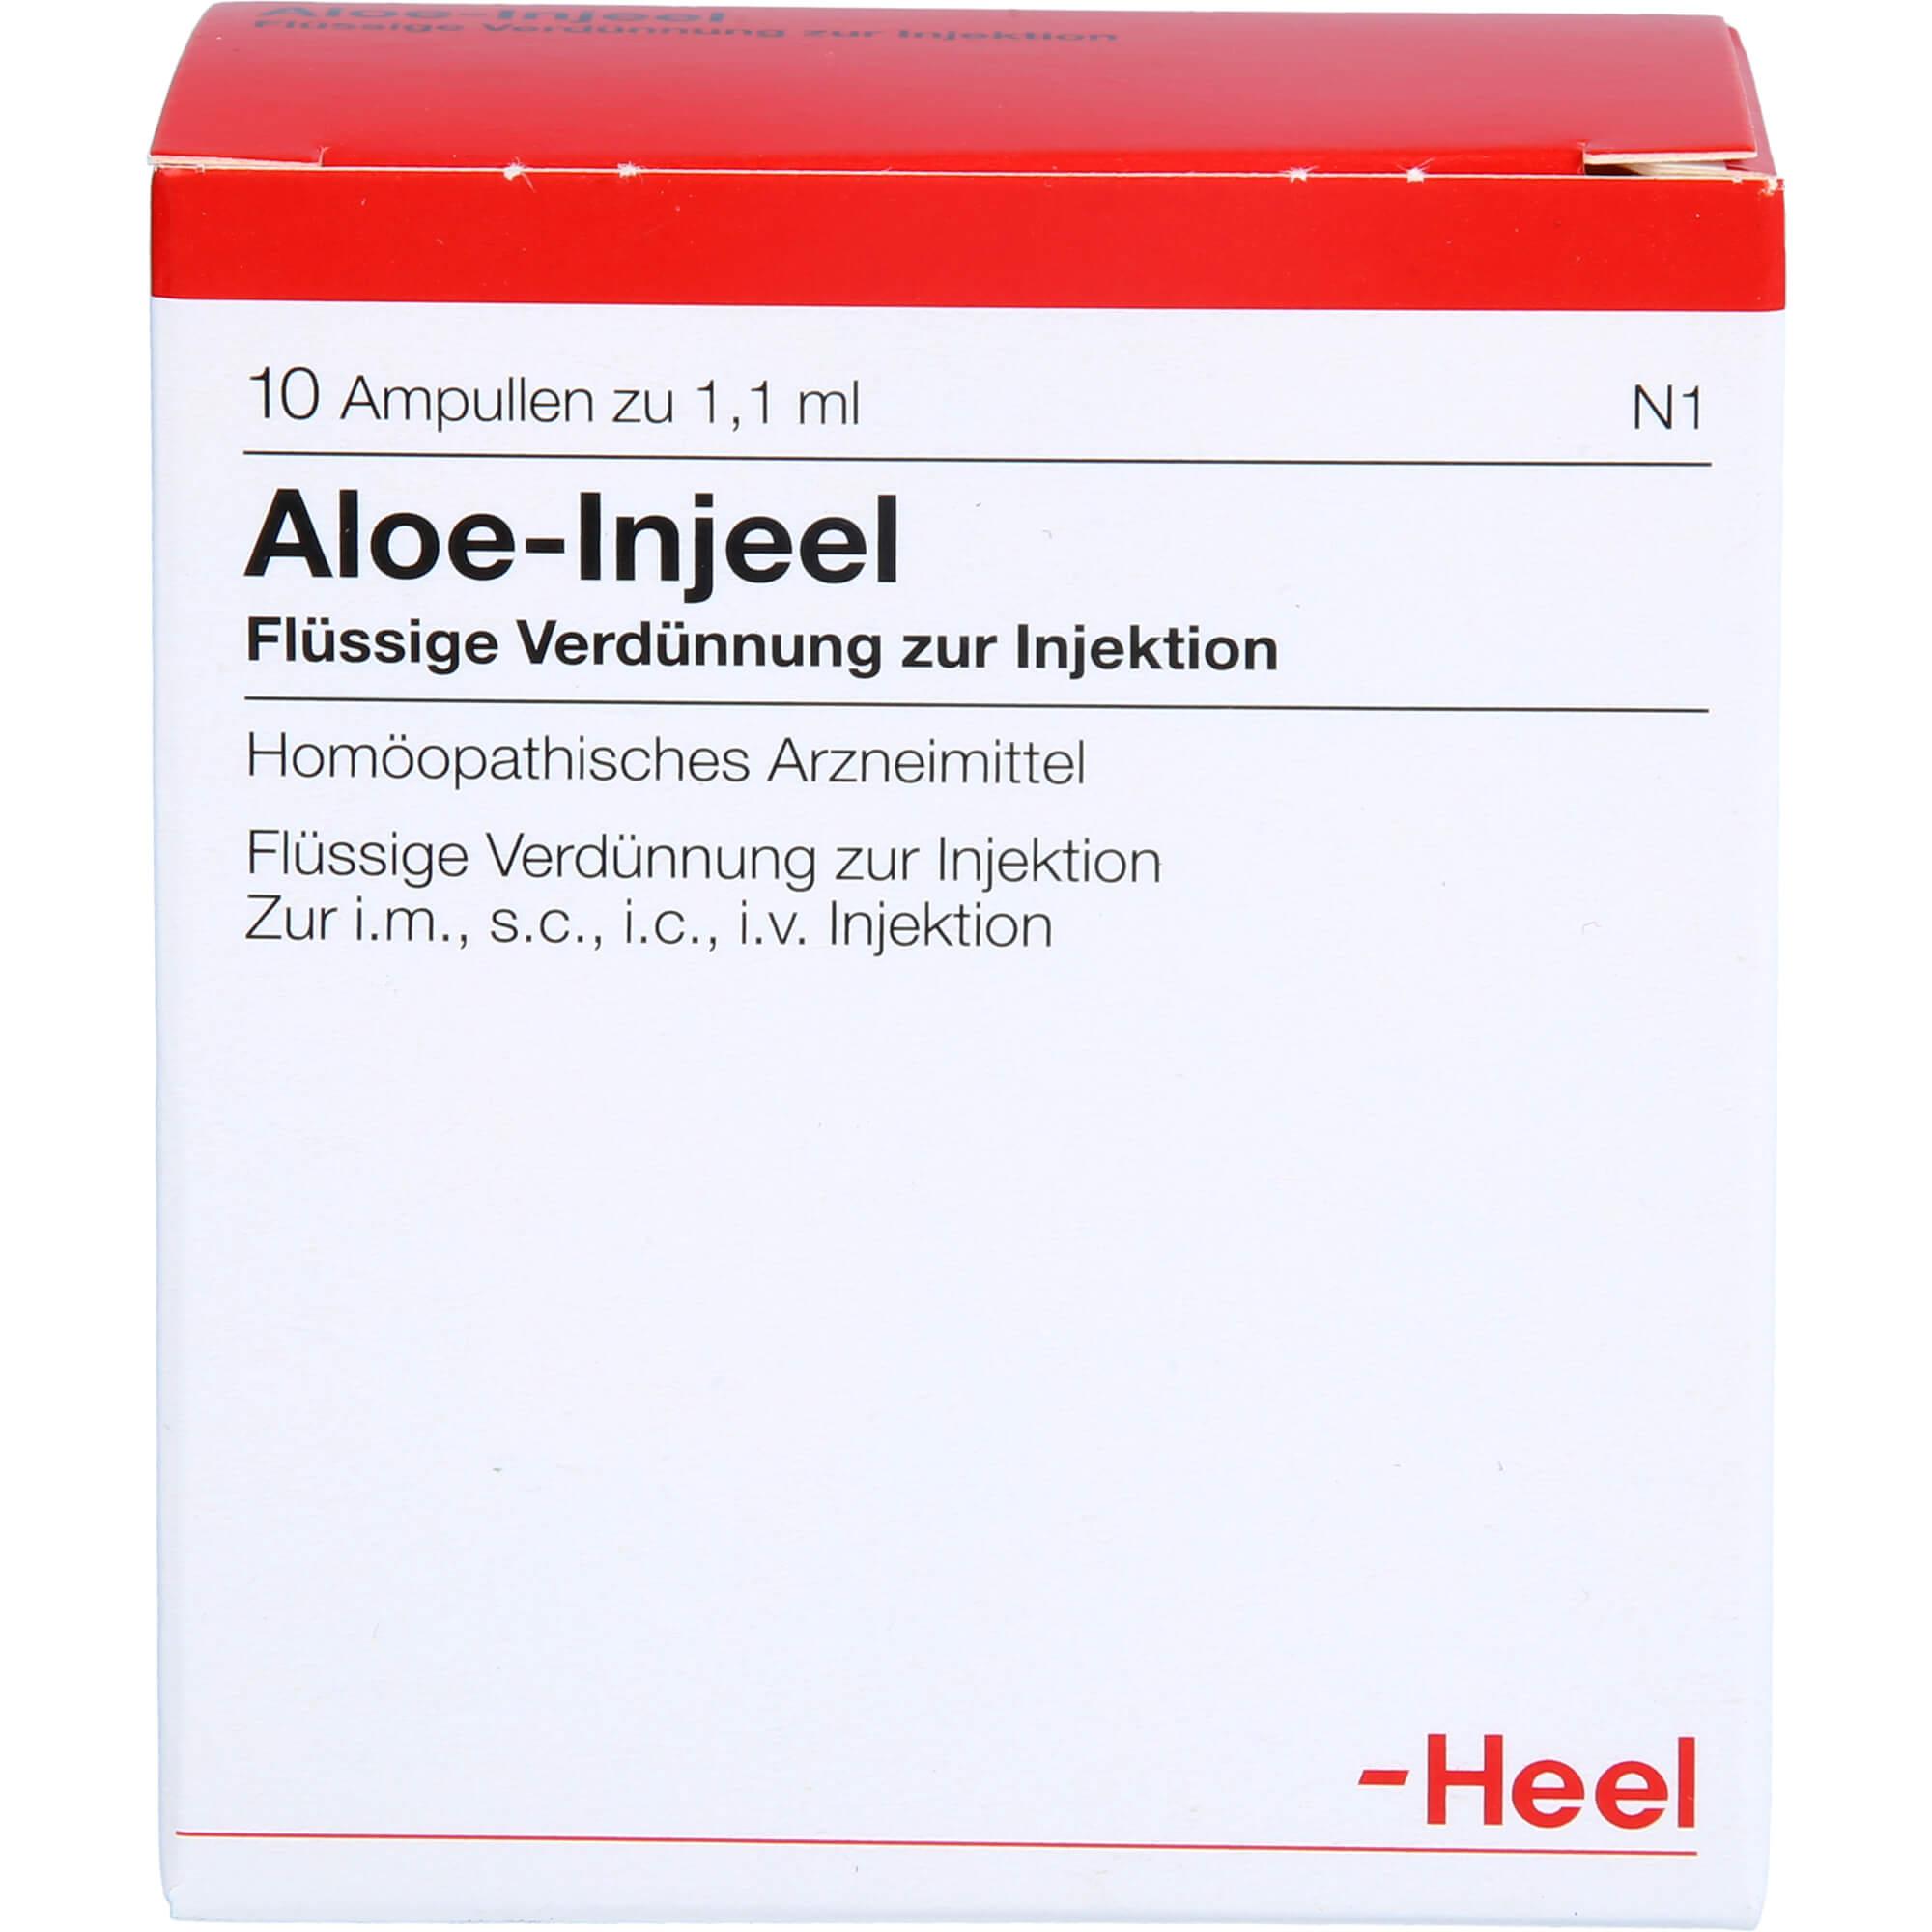 ALOE-INJEEL-Ampullen